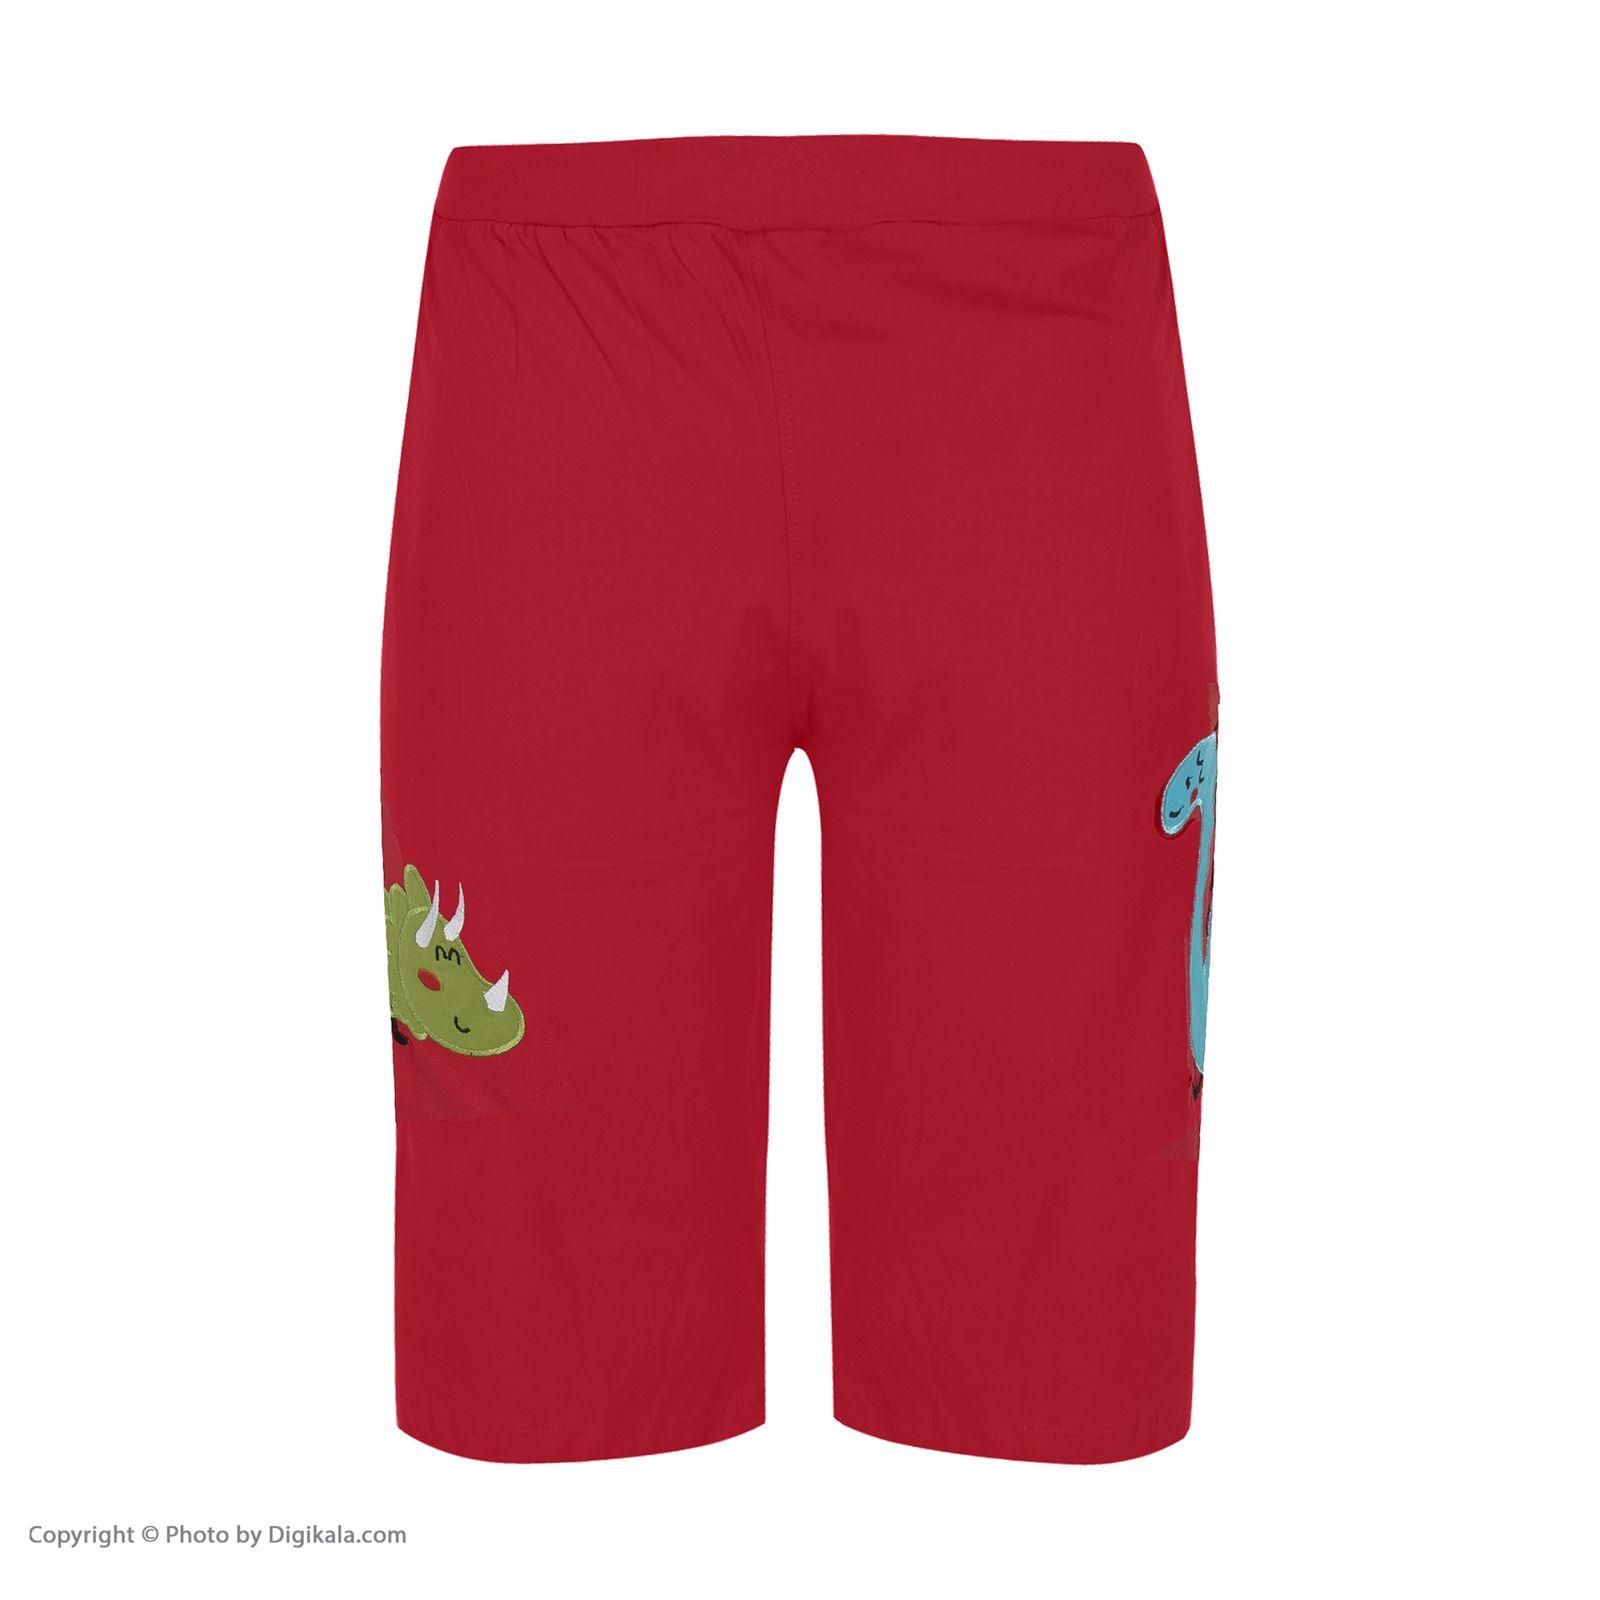 ست تی شرت و شلوارک راحتی مردانه مادر مدل 2041110-74 -  - 9